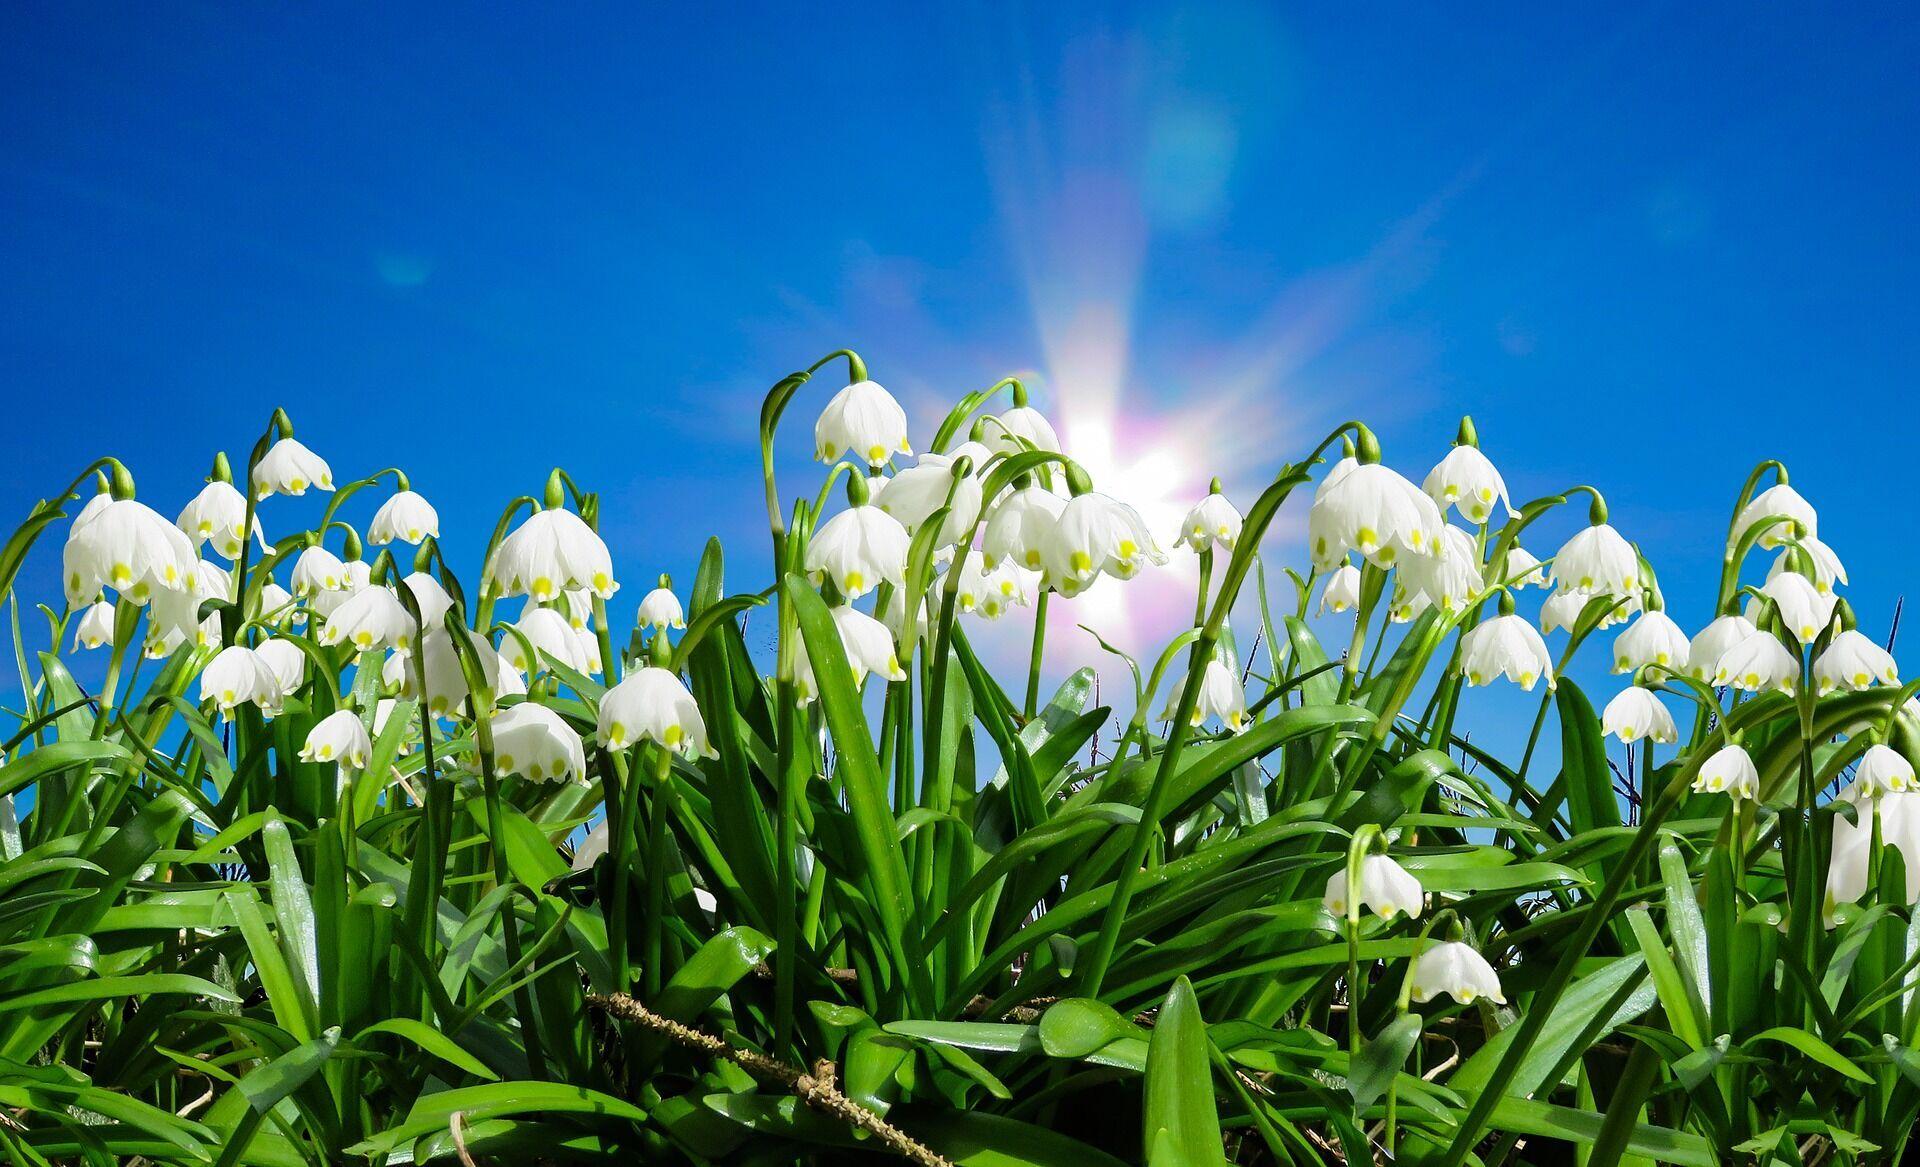 Считается, что в день весеннего равноденствия нужно избавиться от всего лишнего